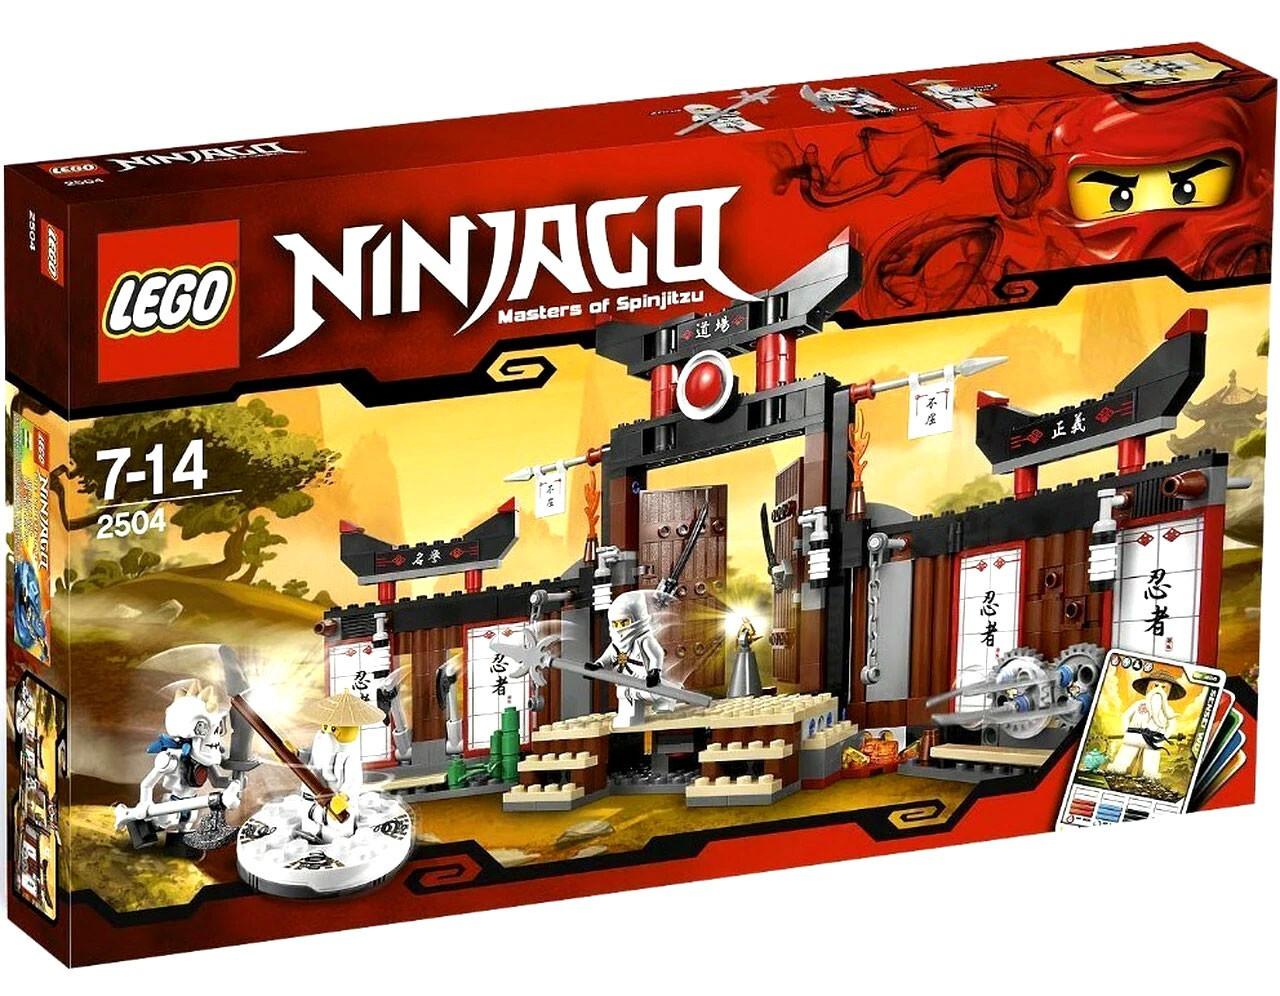 LEGO Ninjago Spinjitzu Dojo Set 2504 - ToyWiz